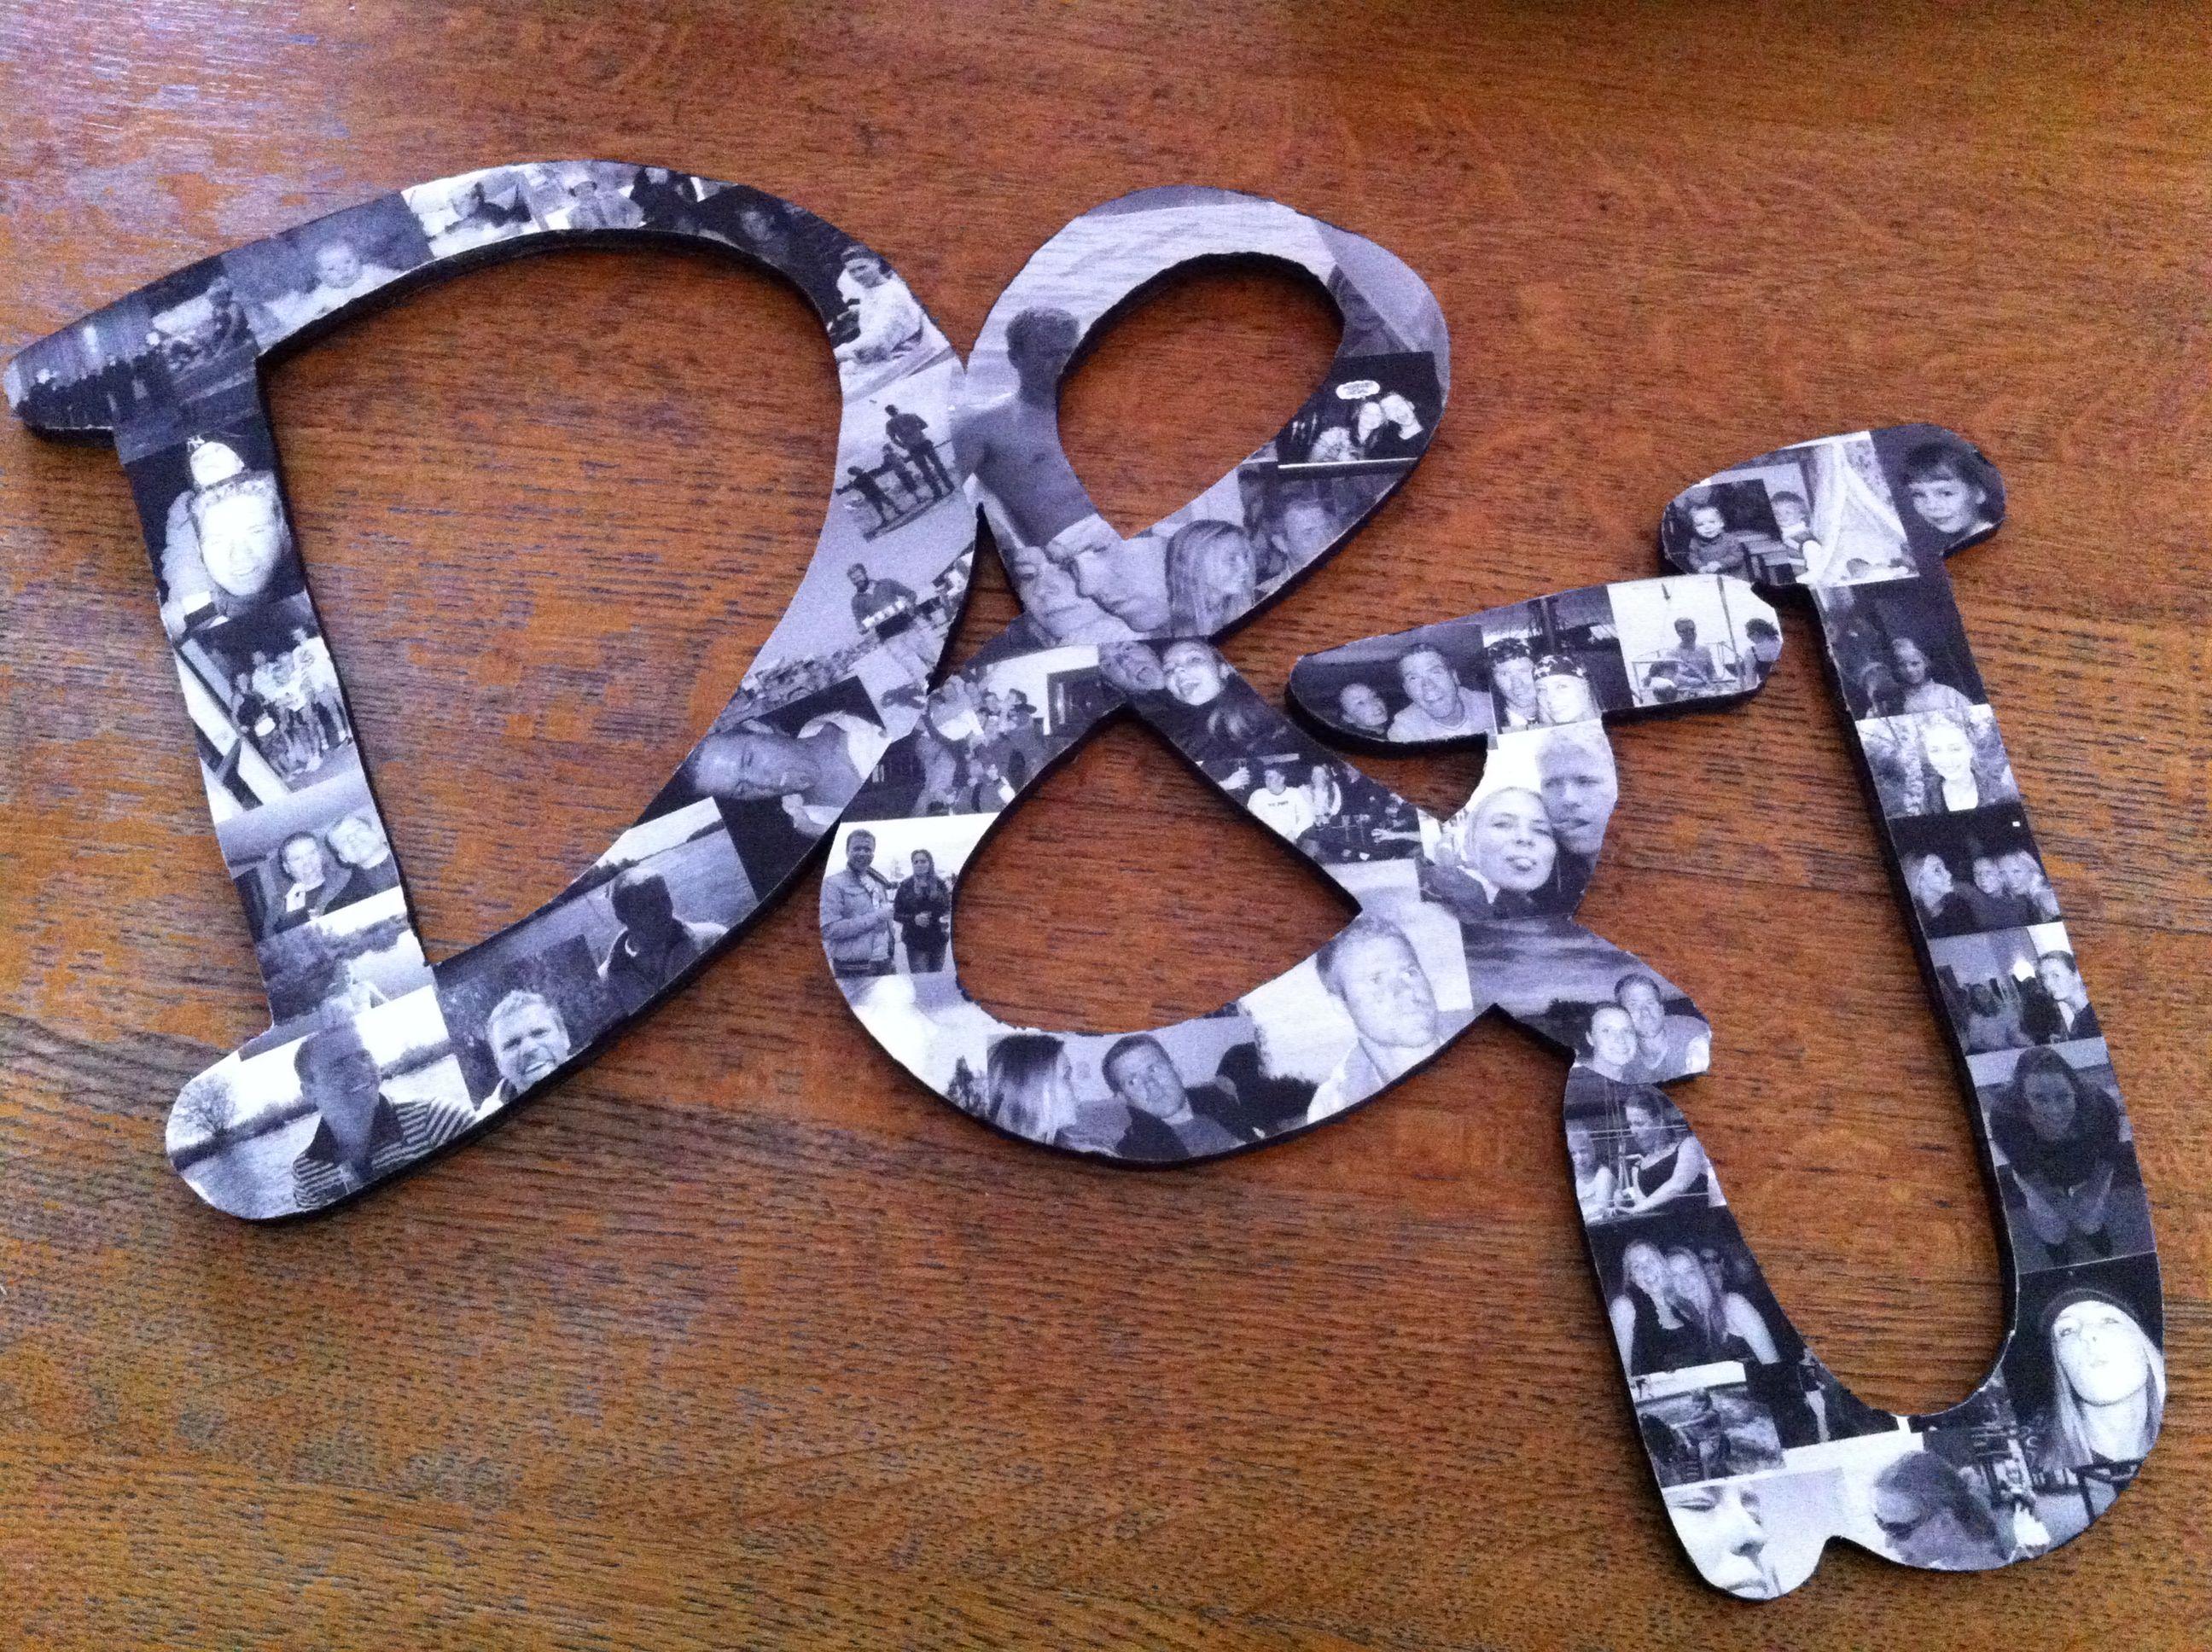 Houten letters met foto's. Een origineel cadeau gemaakt voor een bruidspaar.